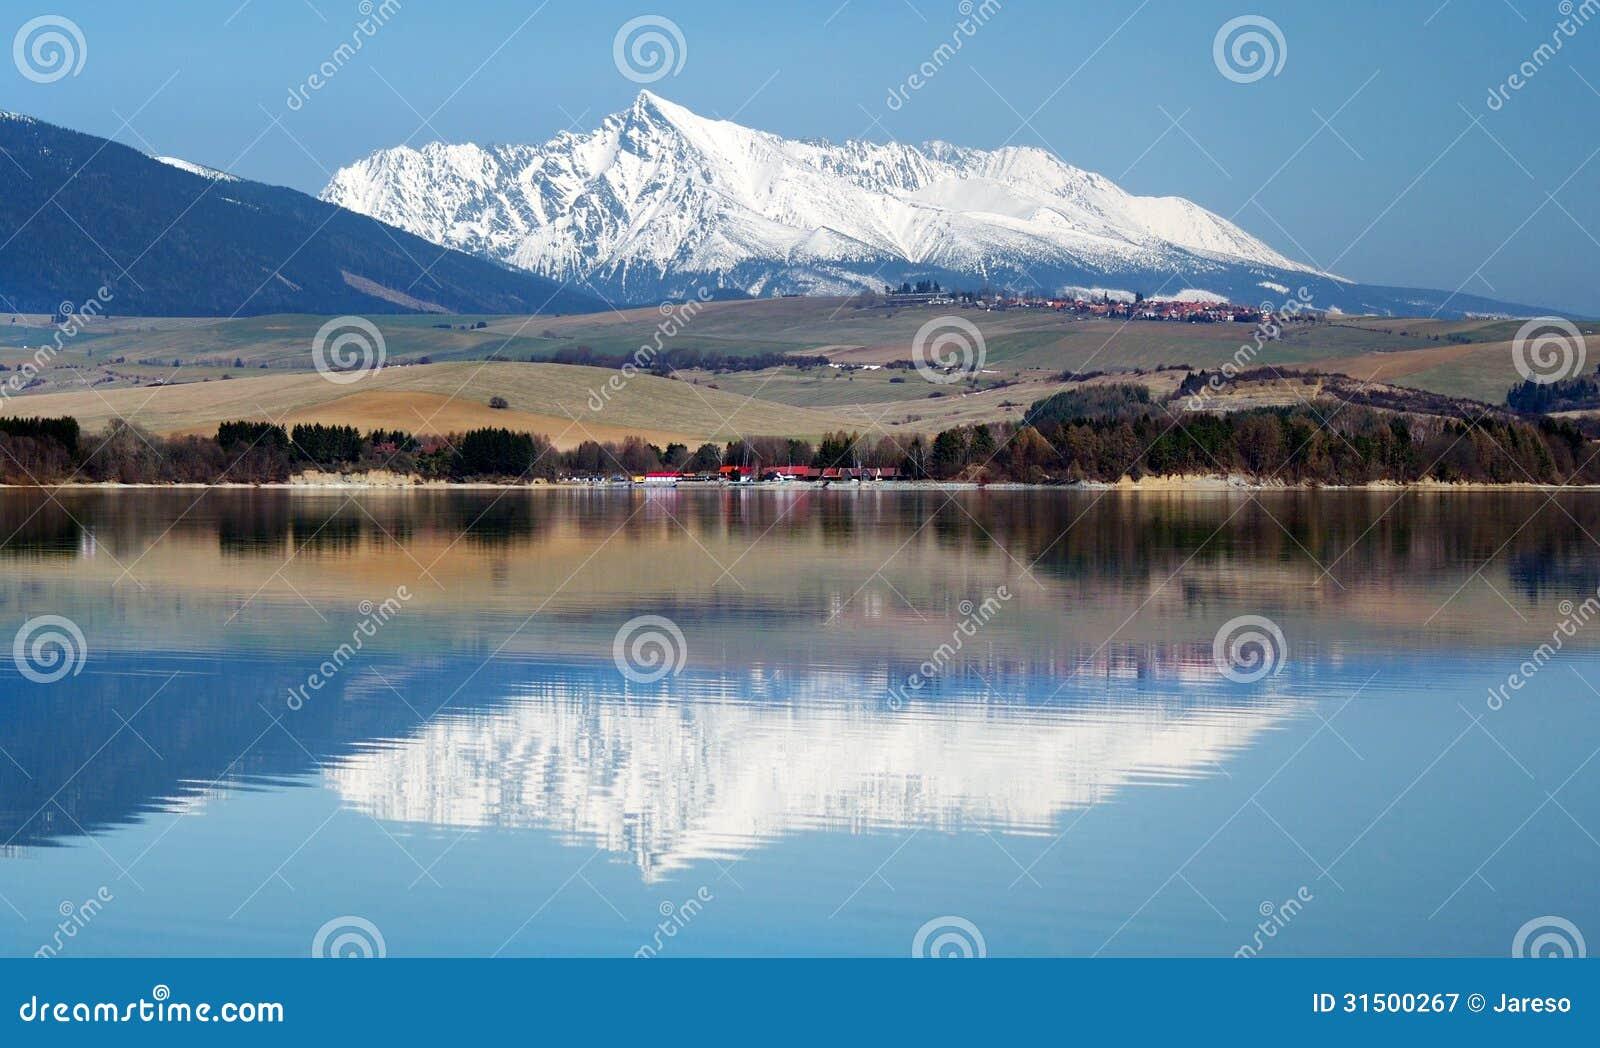 Krivan peak reflected in Liptovska Mara